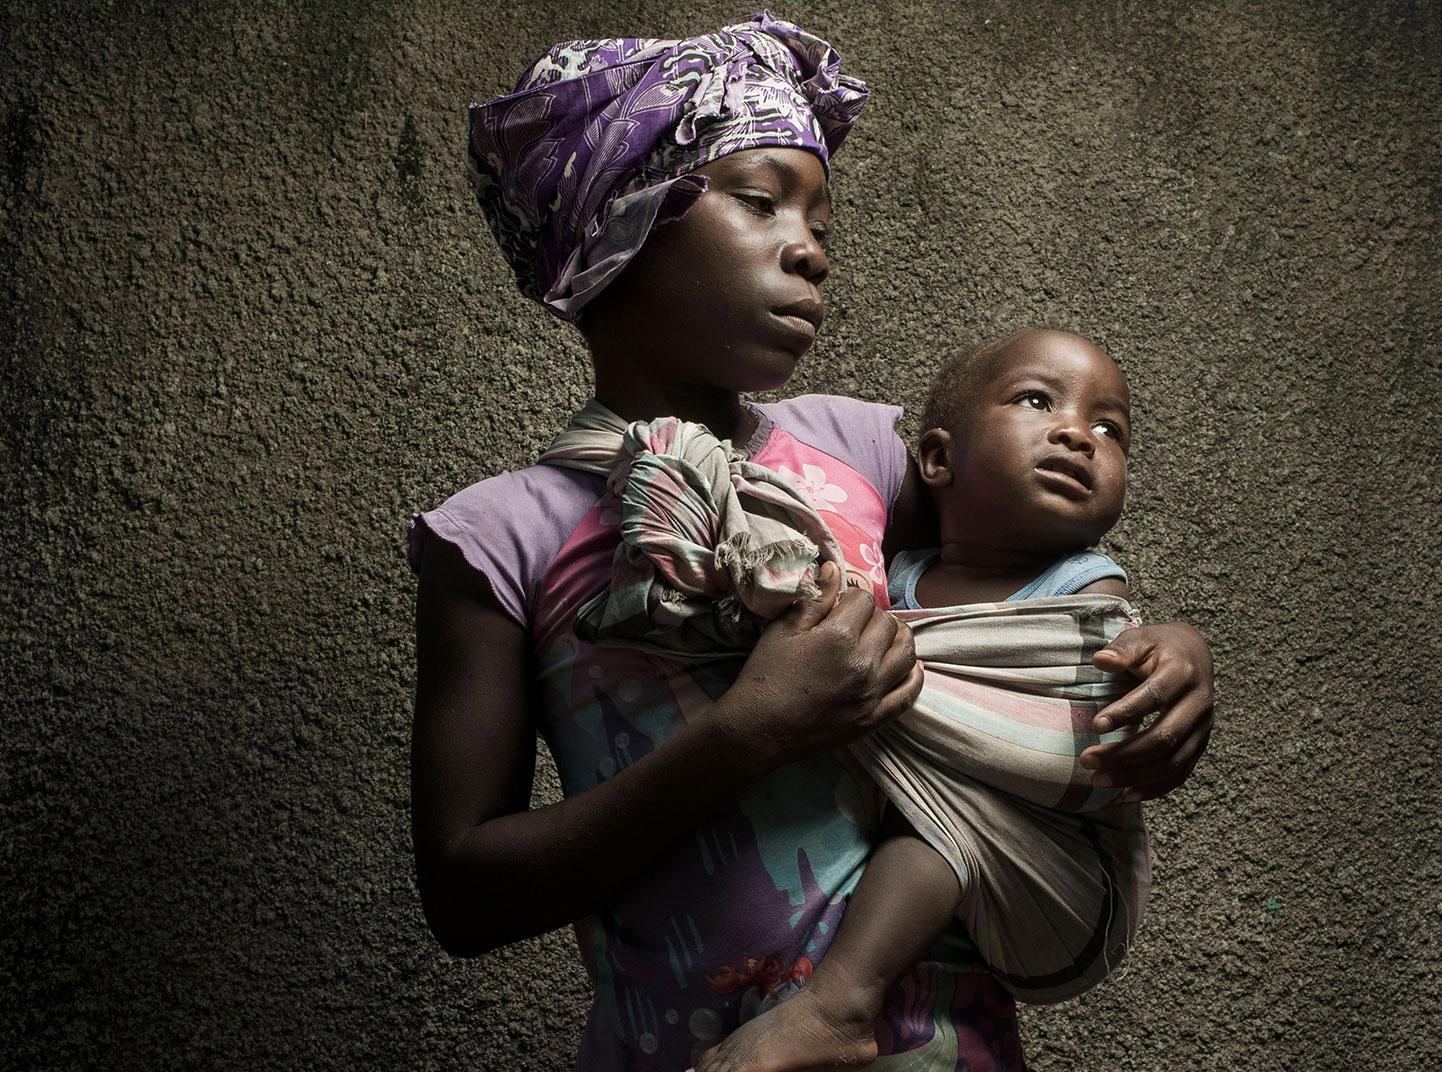 Une jeune fille tient un petit bébé dans un morceau de tissu enroulé autour de ses épaules.